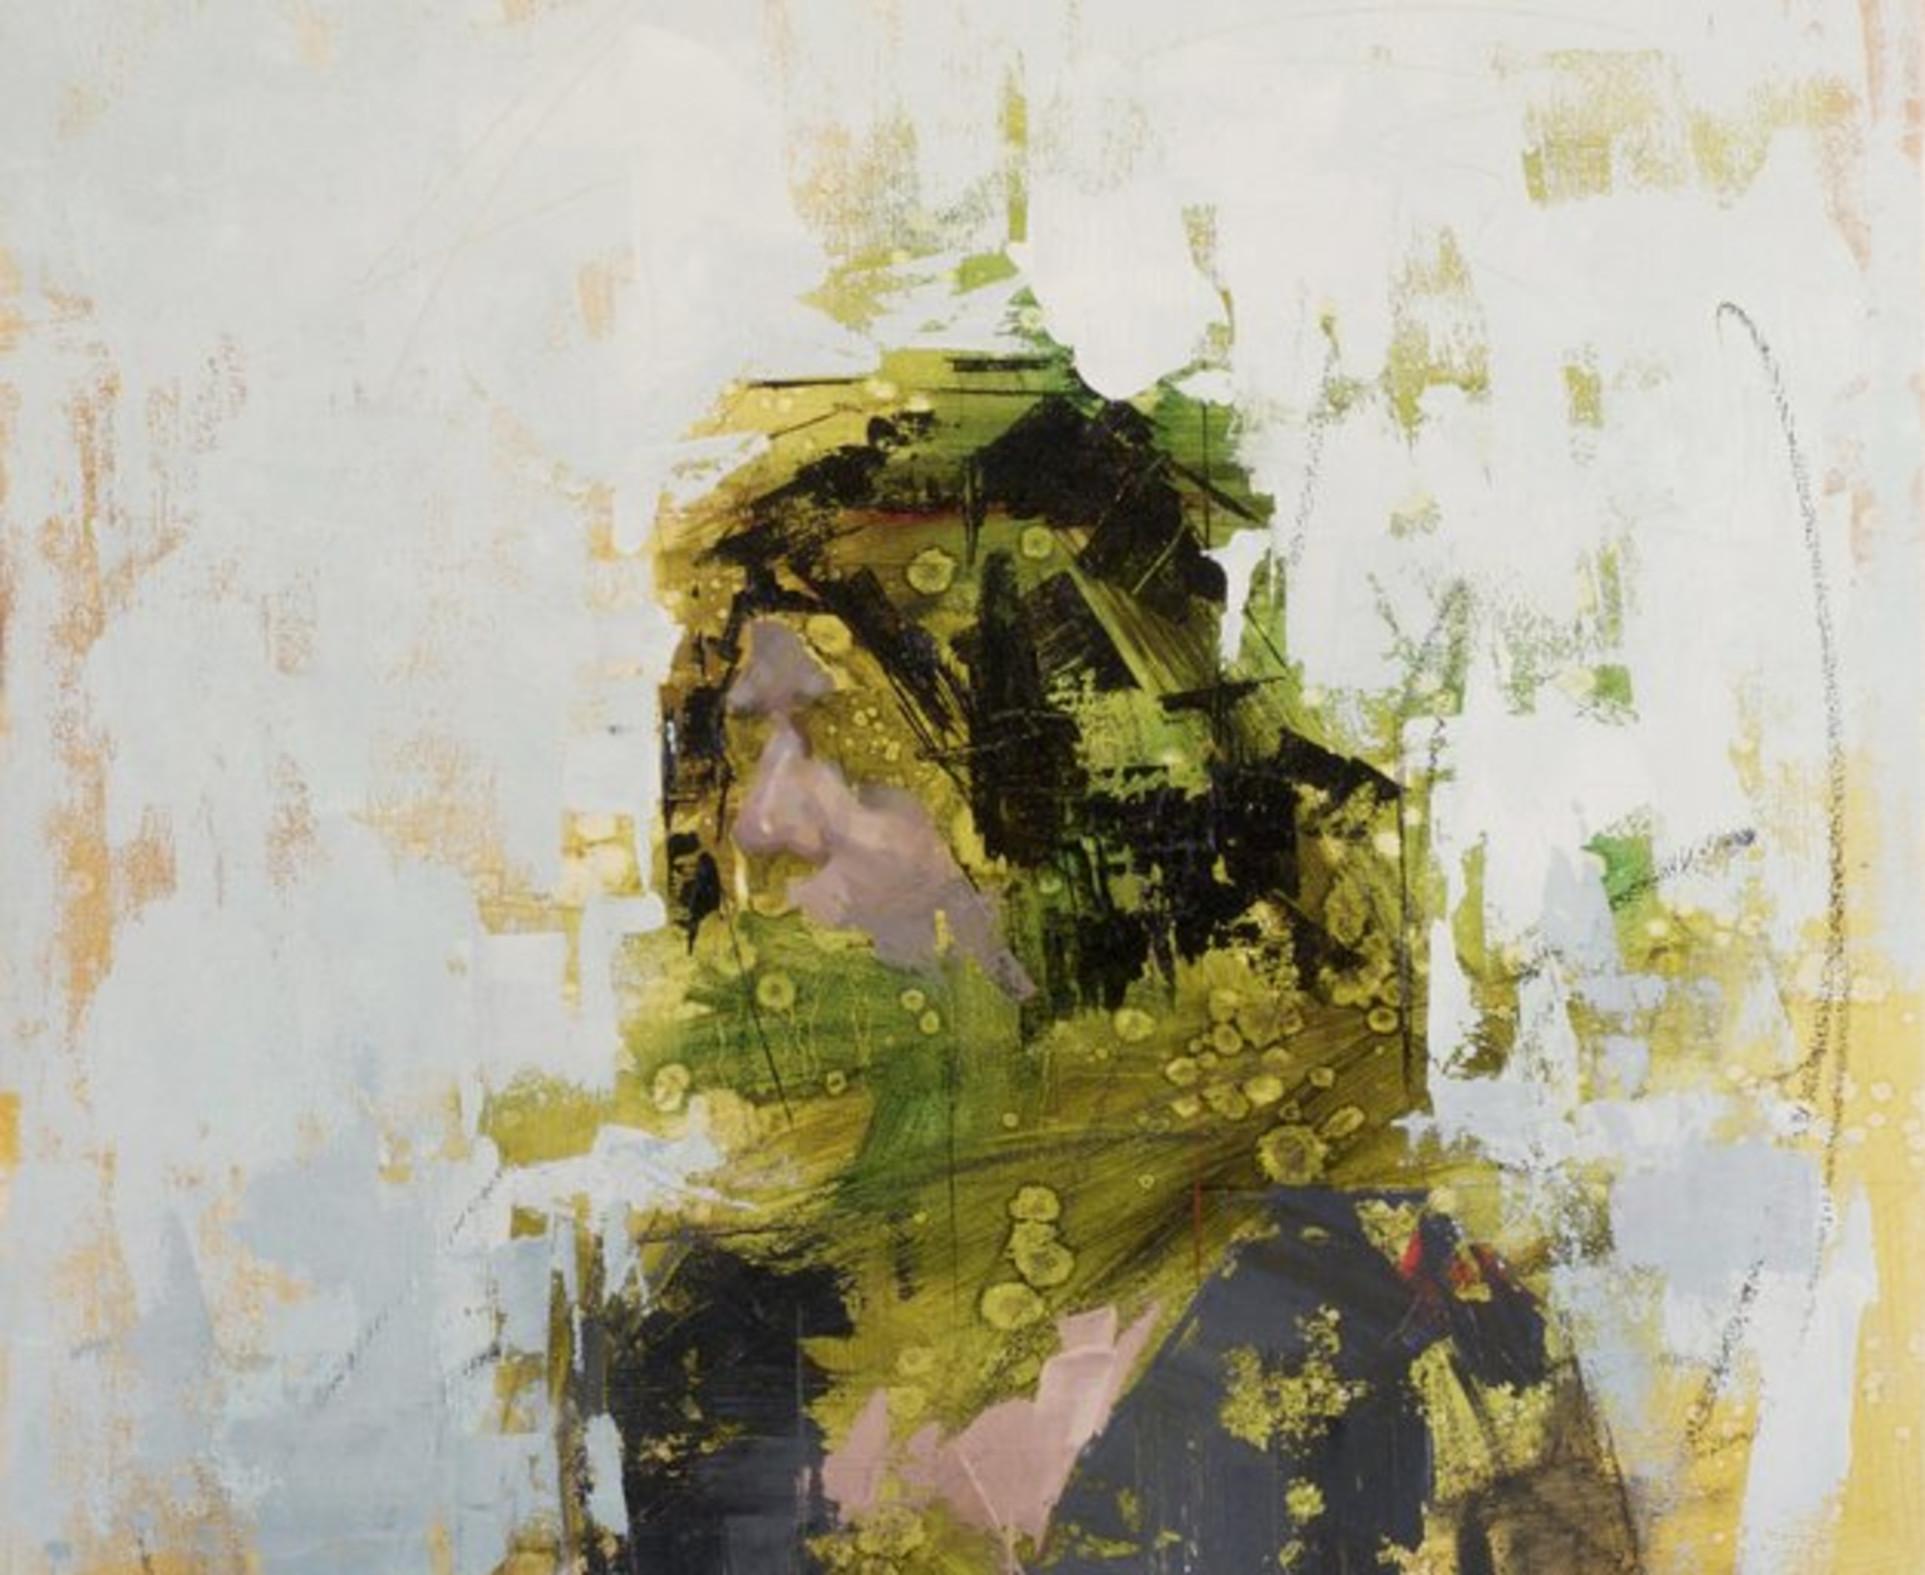 John Wentz, Imprint No. 5, 2015